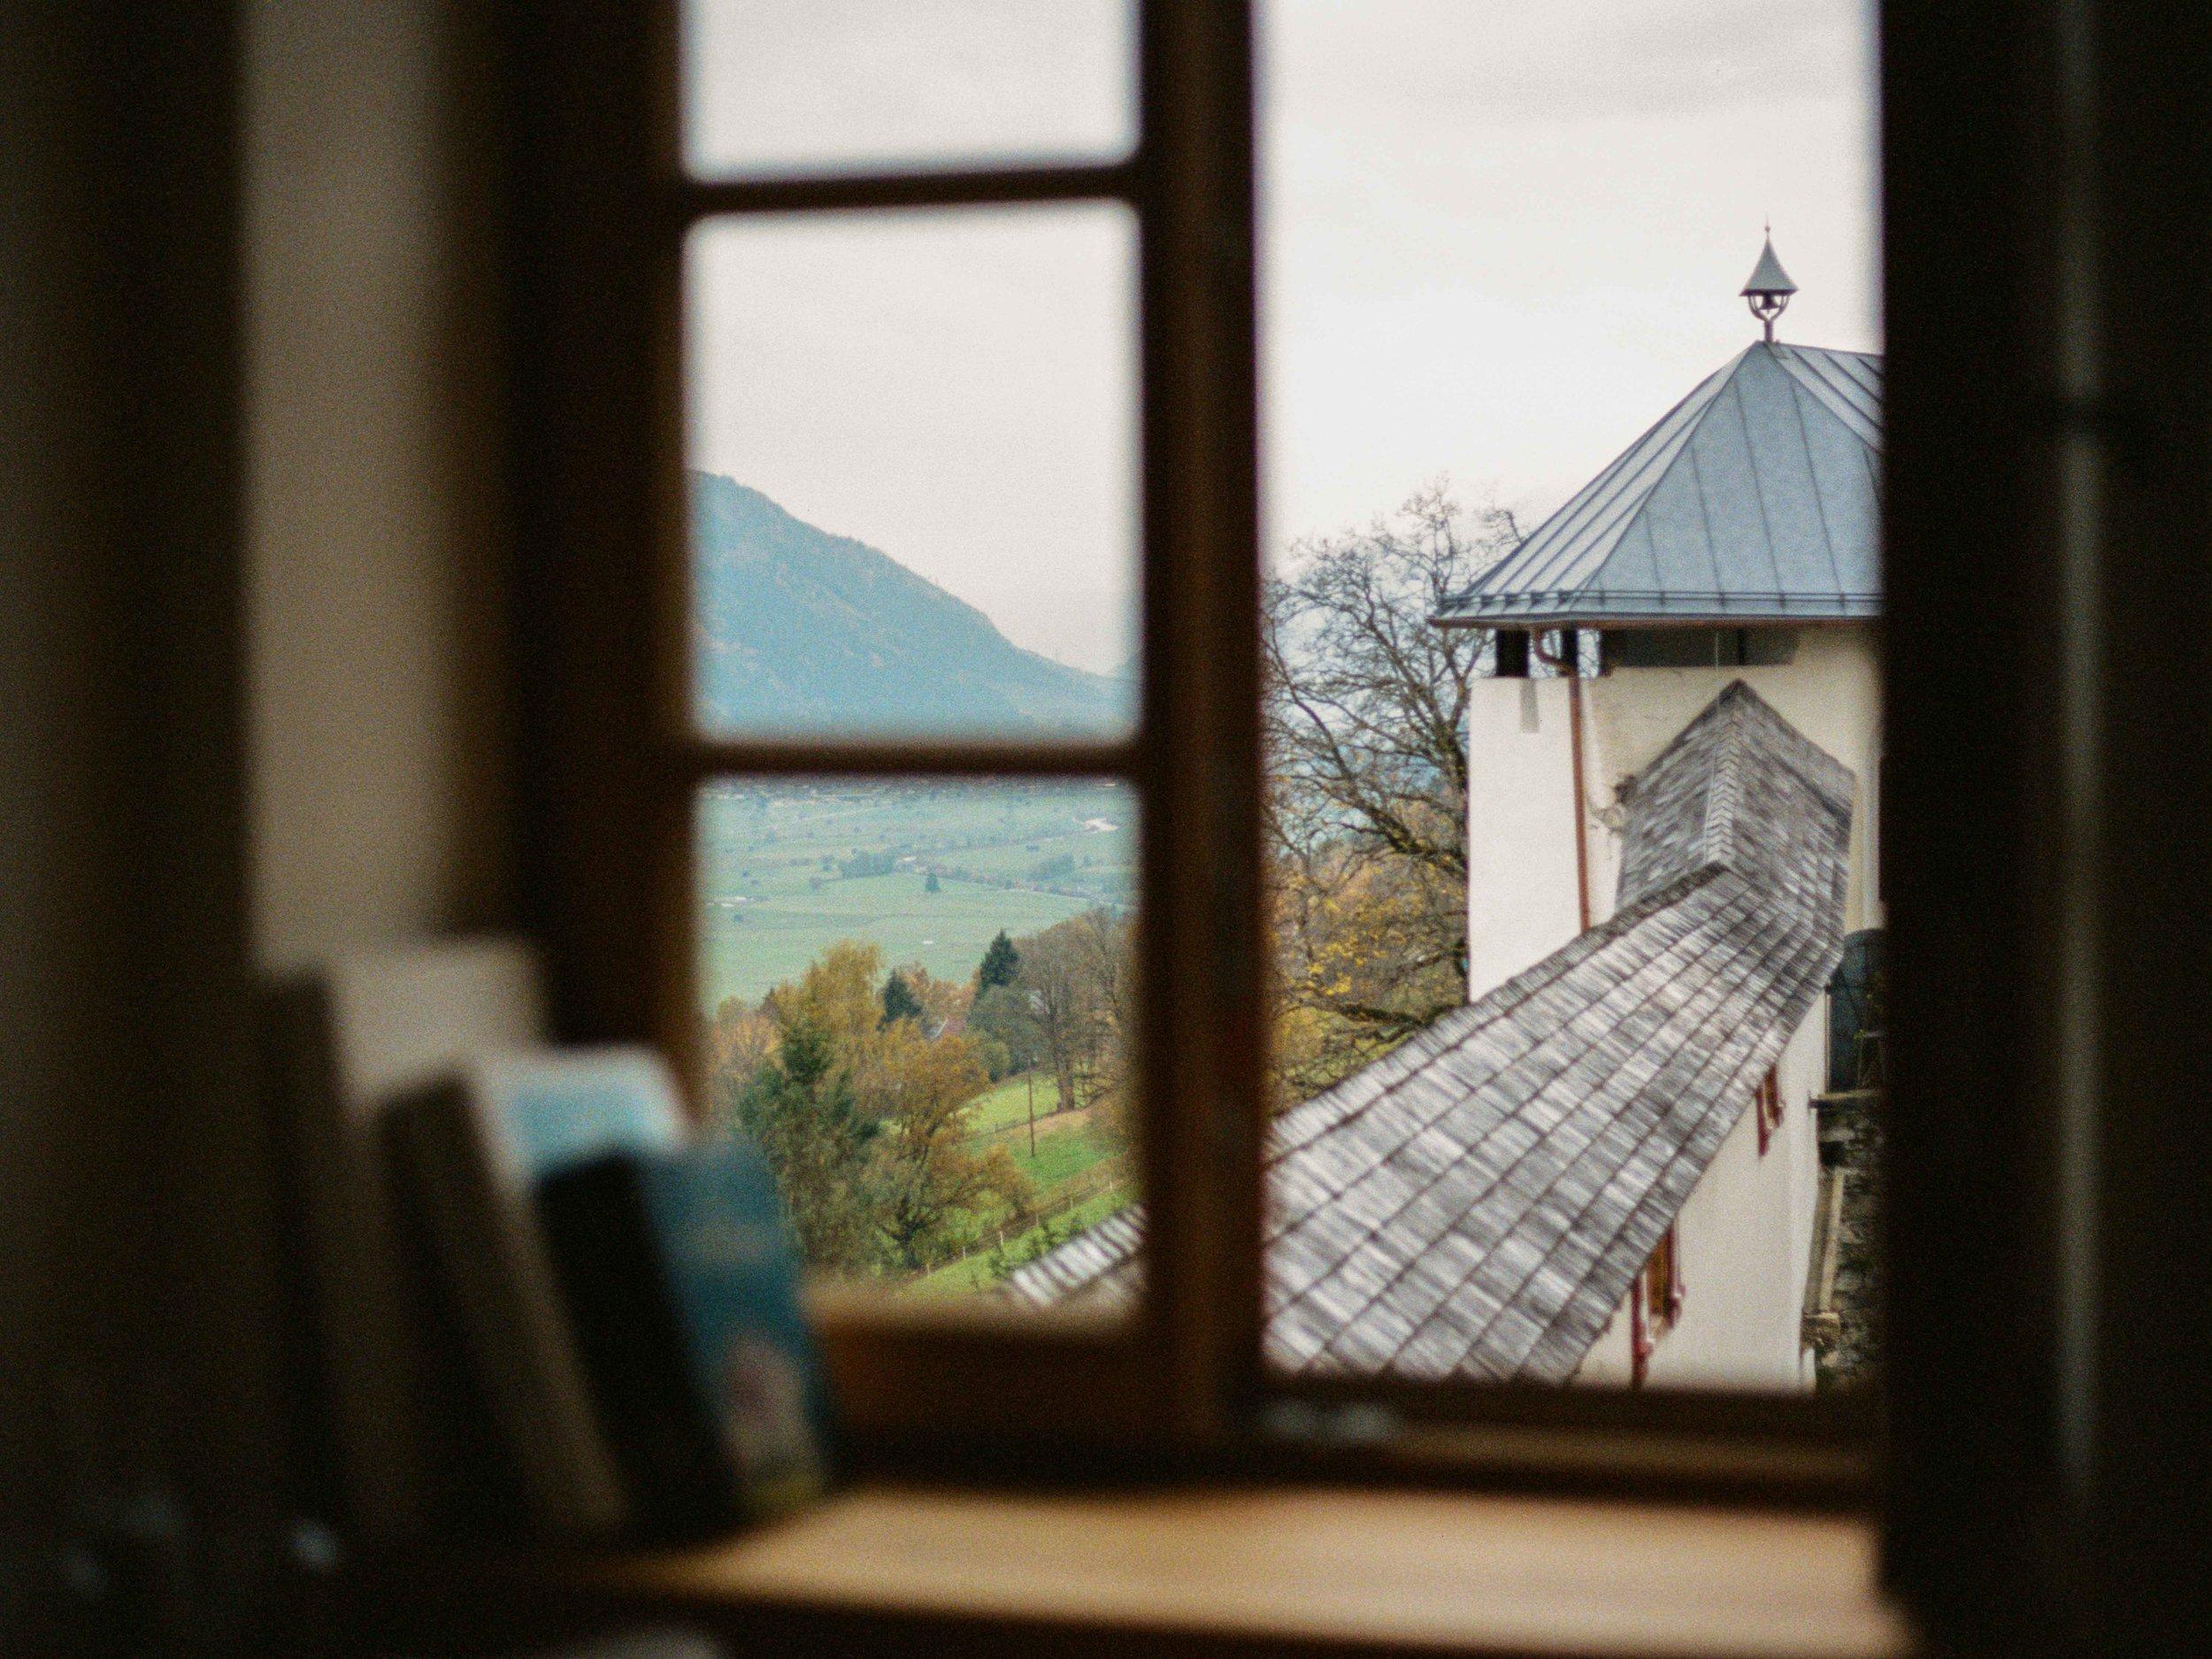 Castle Window @ Schloß Mittersill, Kodak 400